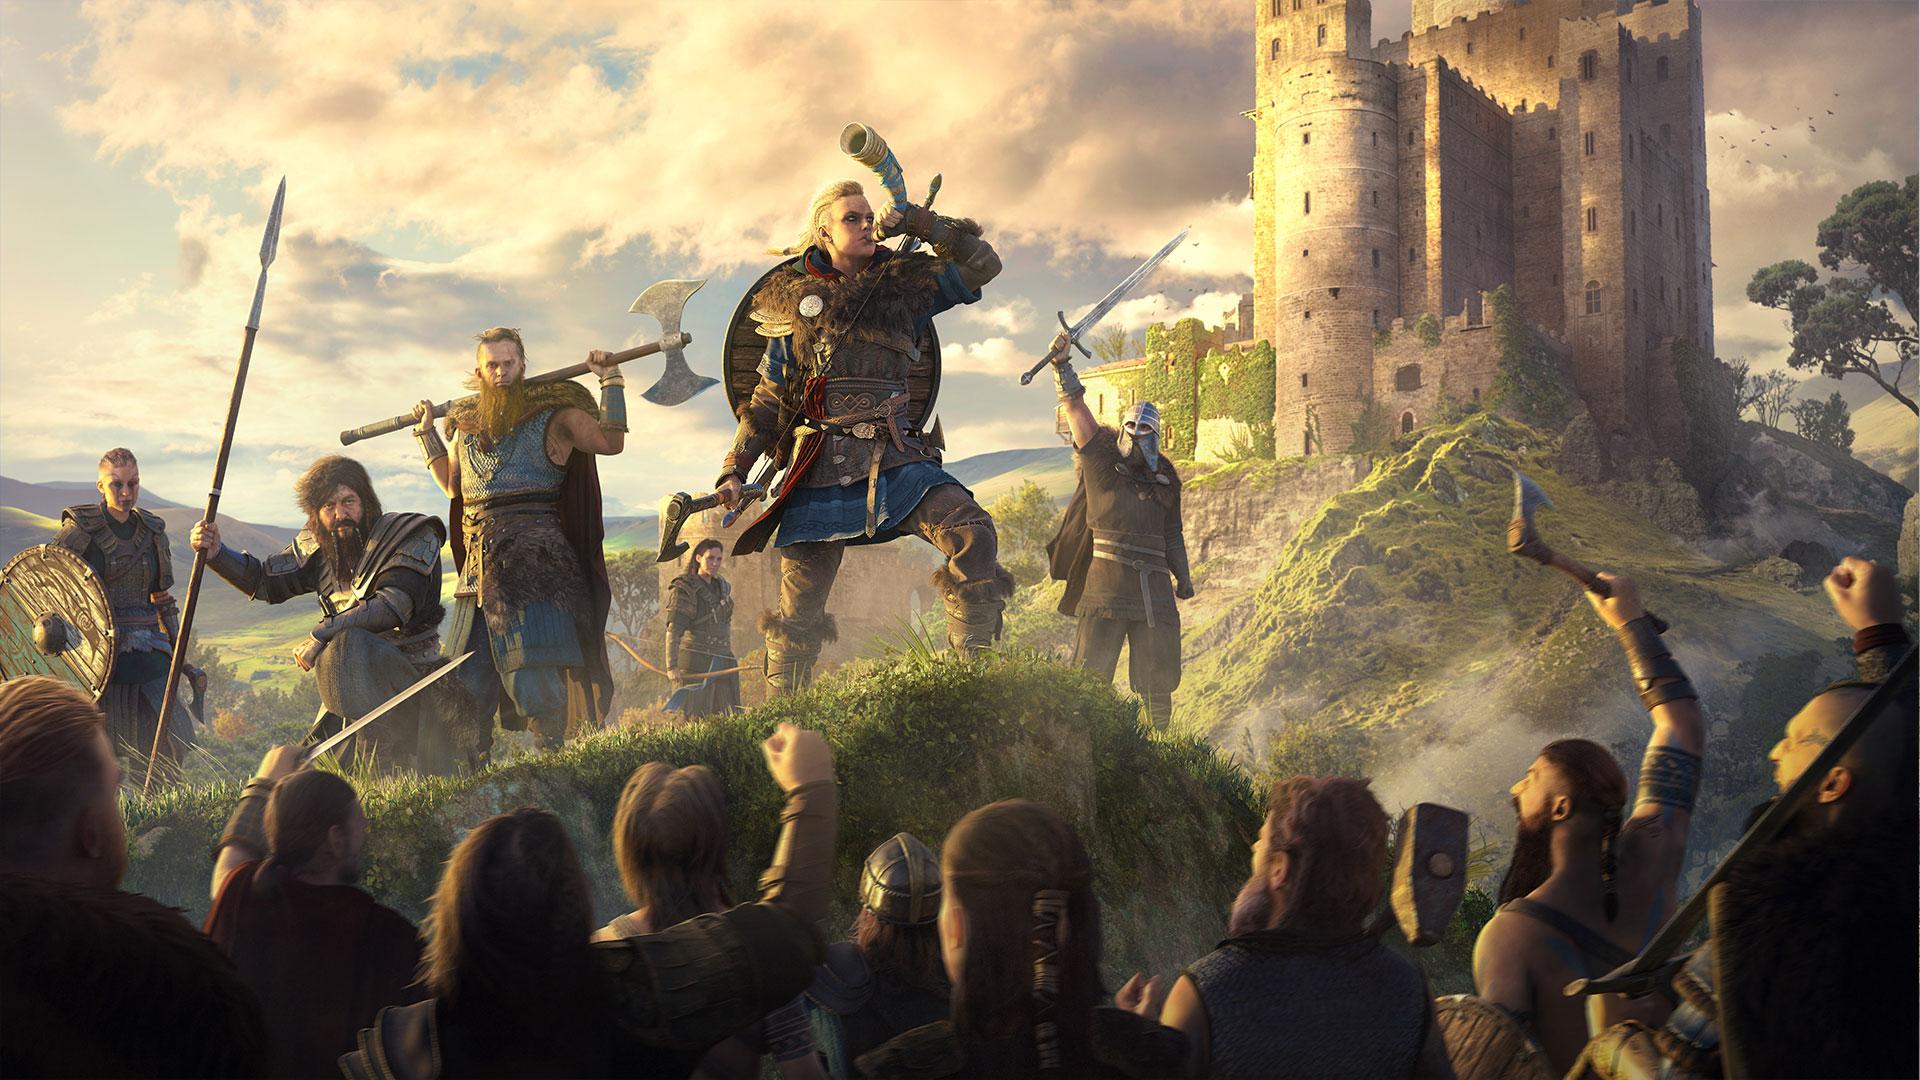 Assassin's Creed Valhalla Sucker Punch